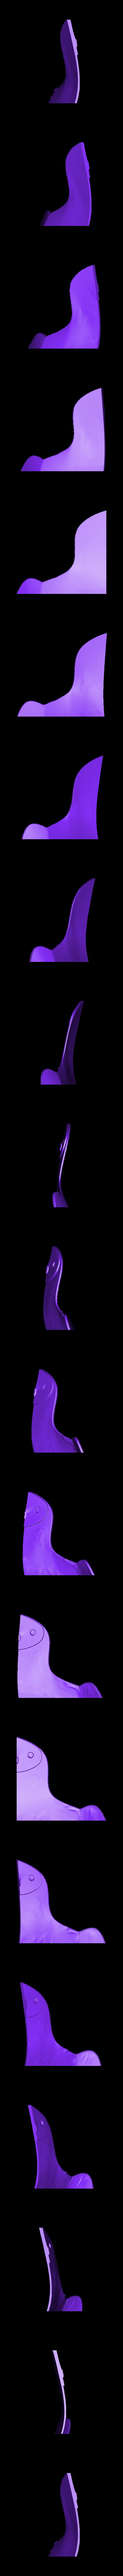 Part_14.stl Télécharger fichier STL gratuit Pour Honor Lawbringer Helm - Chevalier • Objet à imprimer en 3D, VillainousPropShop